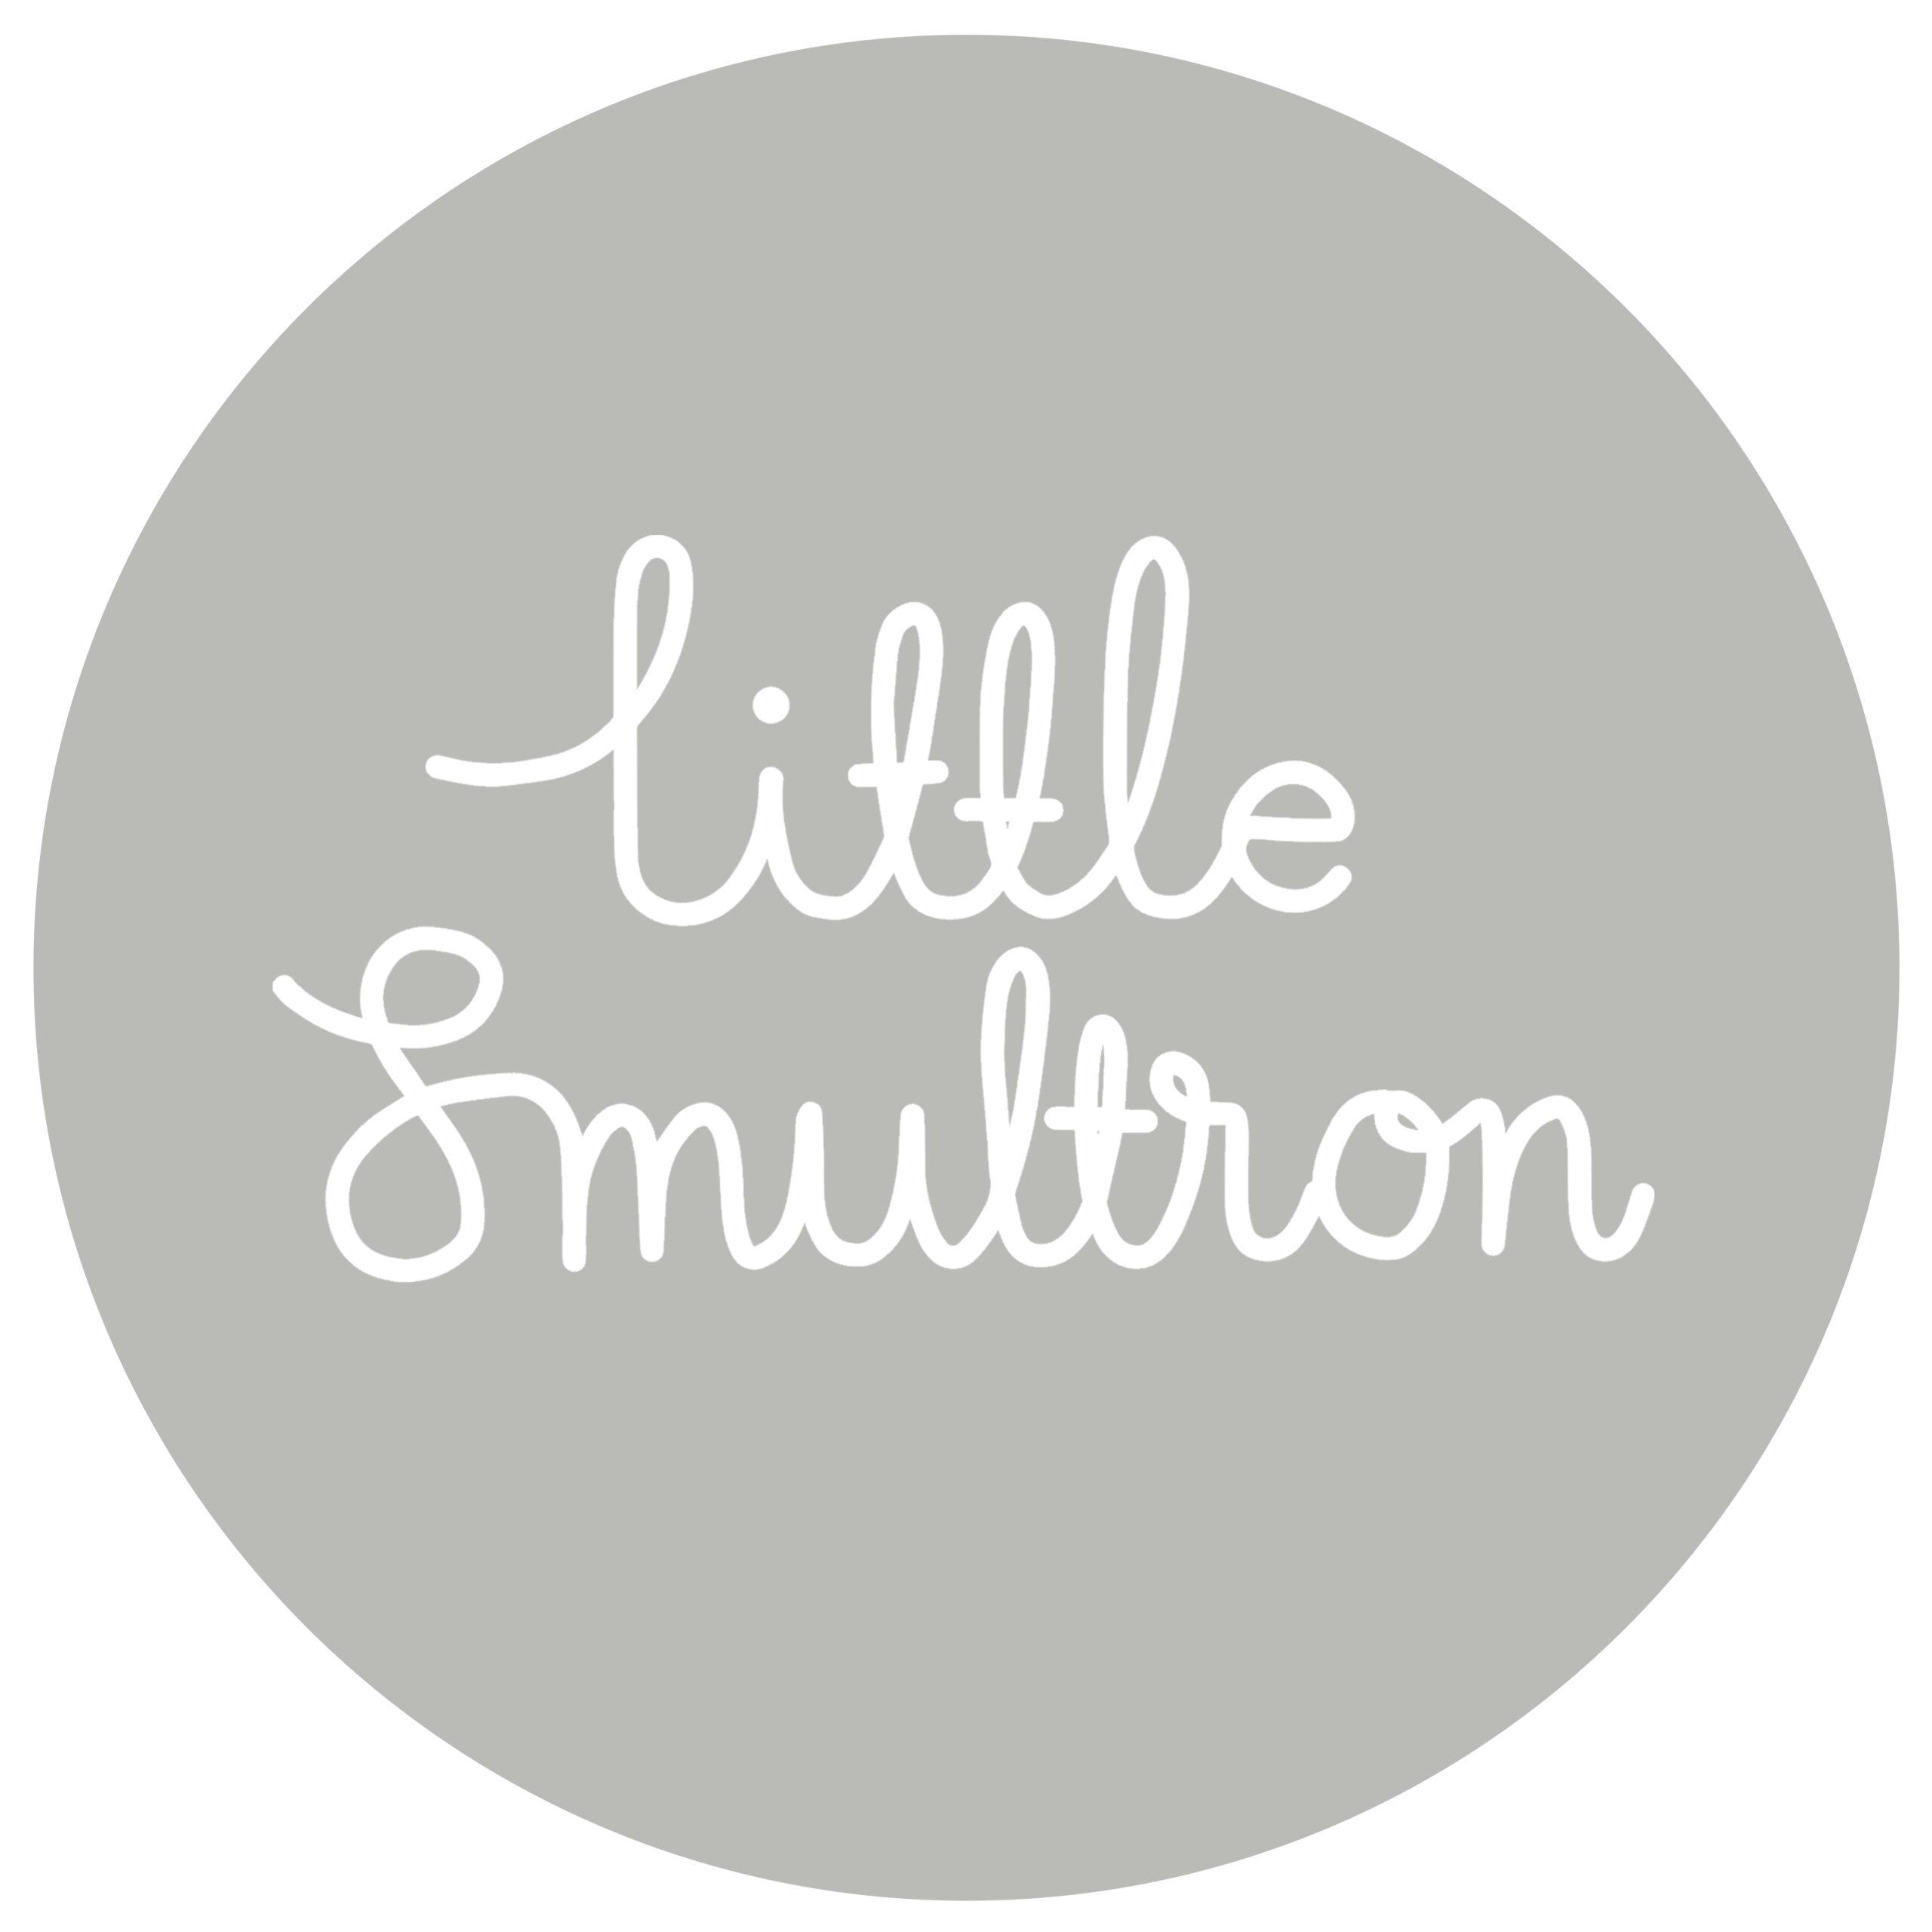 Little Smultron